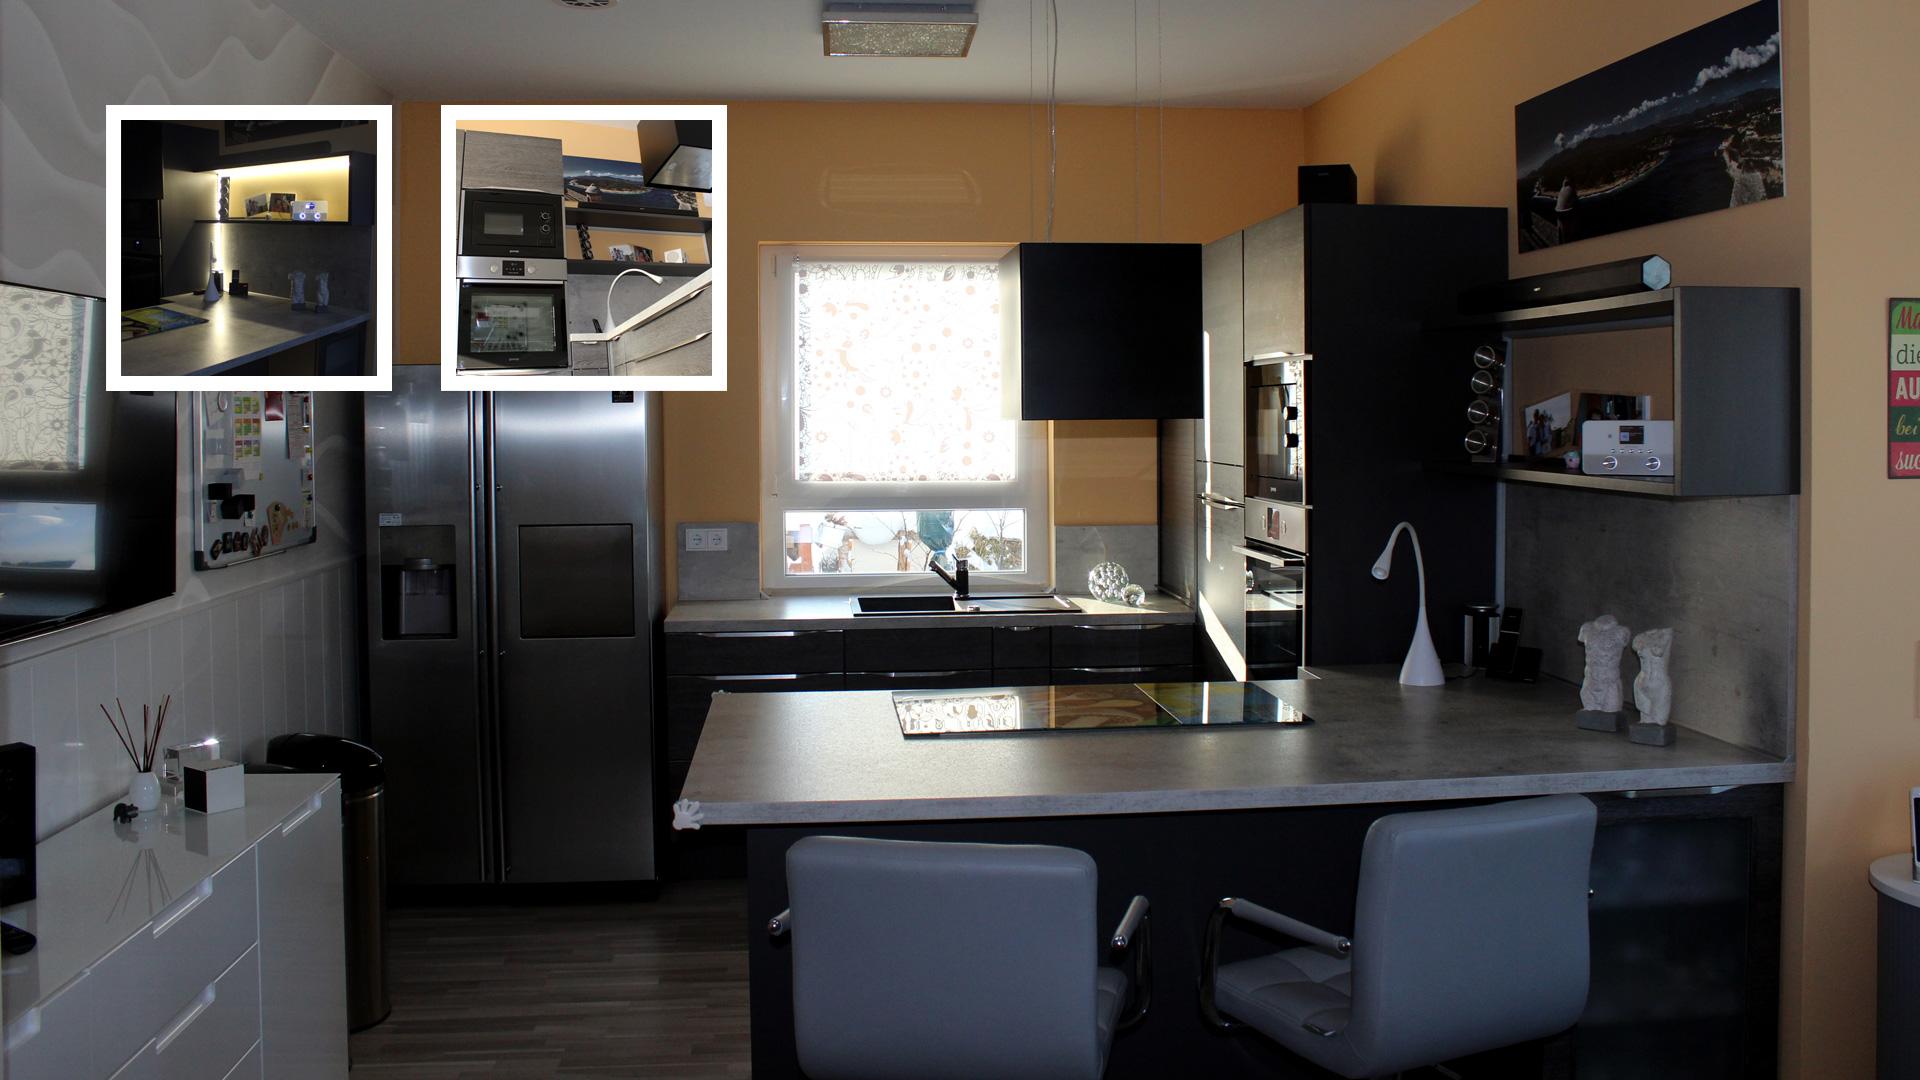 neue einbauk che k che umziehen und k che erweitern in chemnitz und sachsen k chen fitz. Black Bedroom Furniture Sets. Home Design Ideas